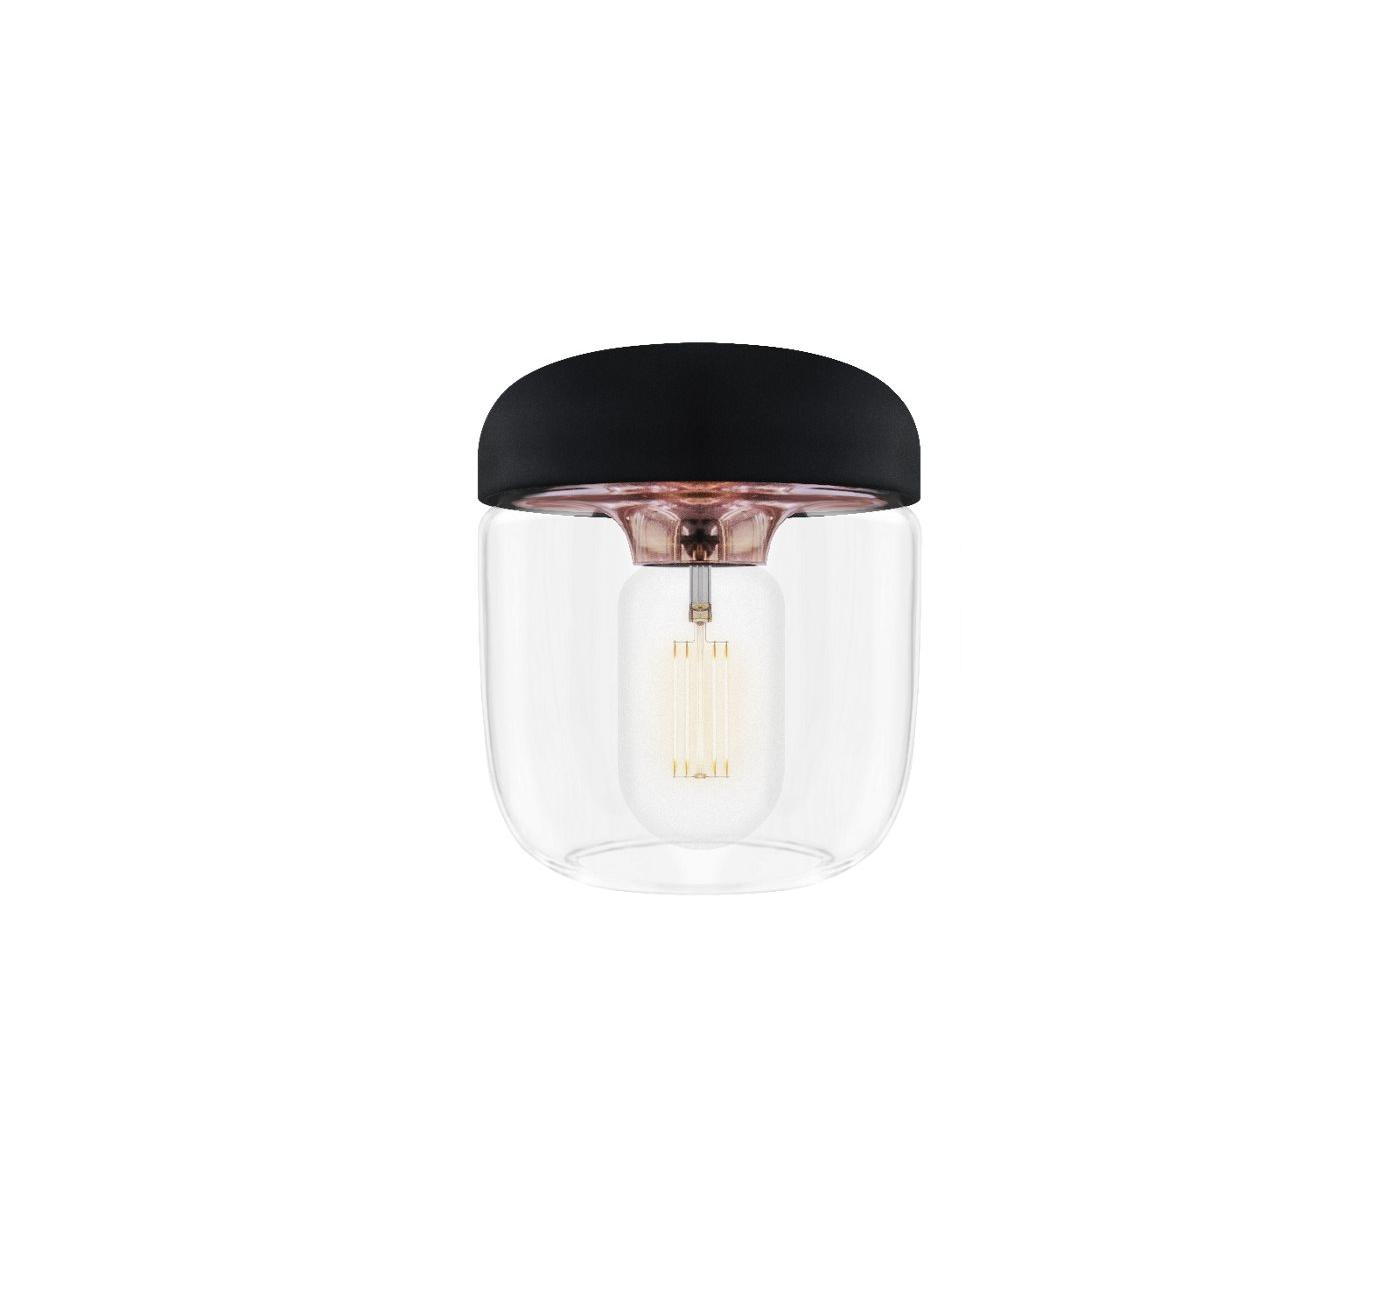 Acorn lampa black copper, VITA